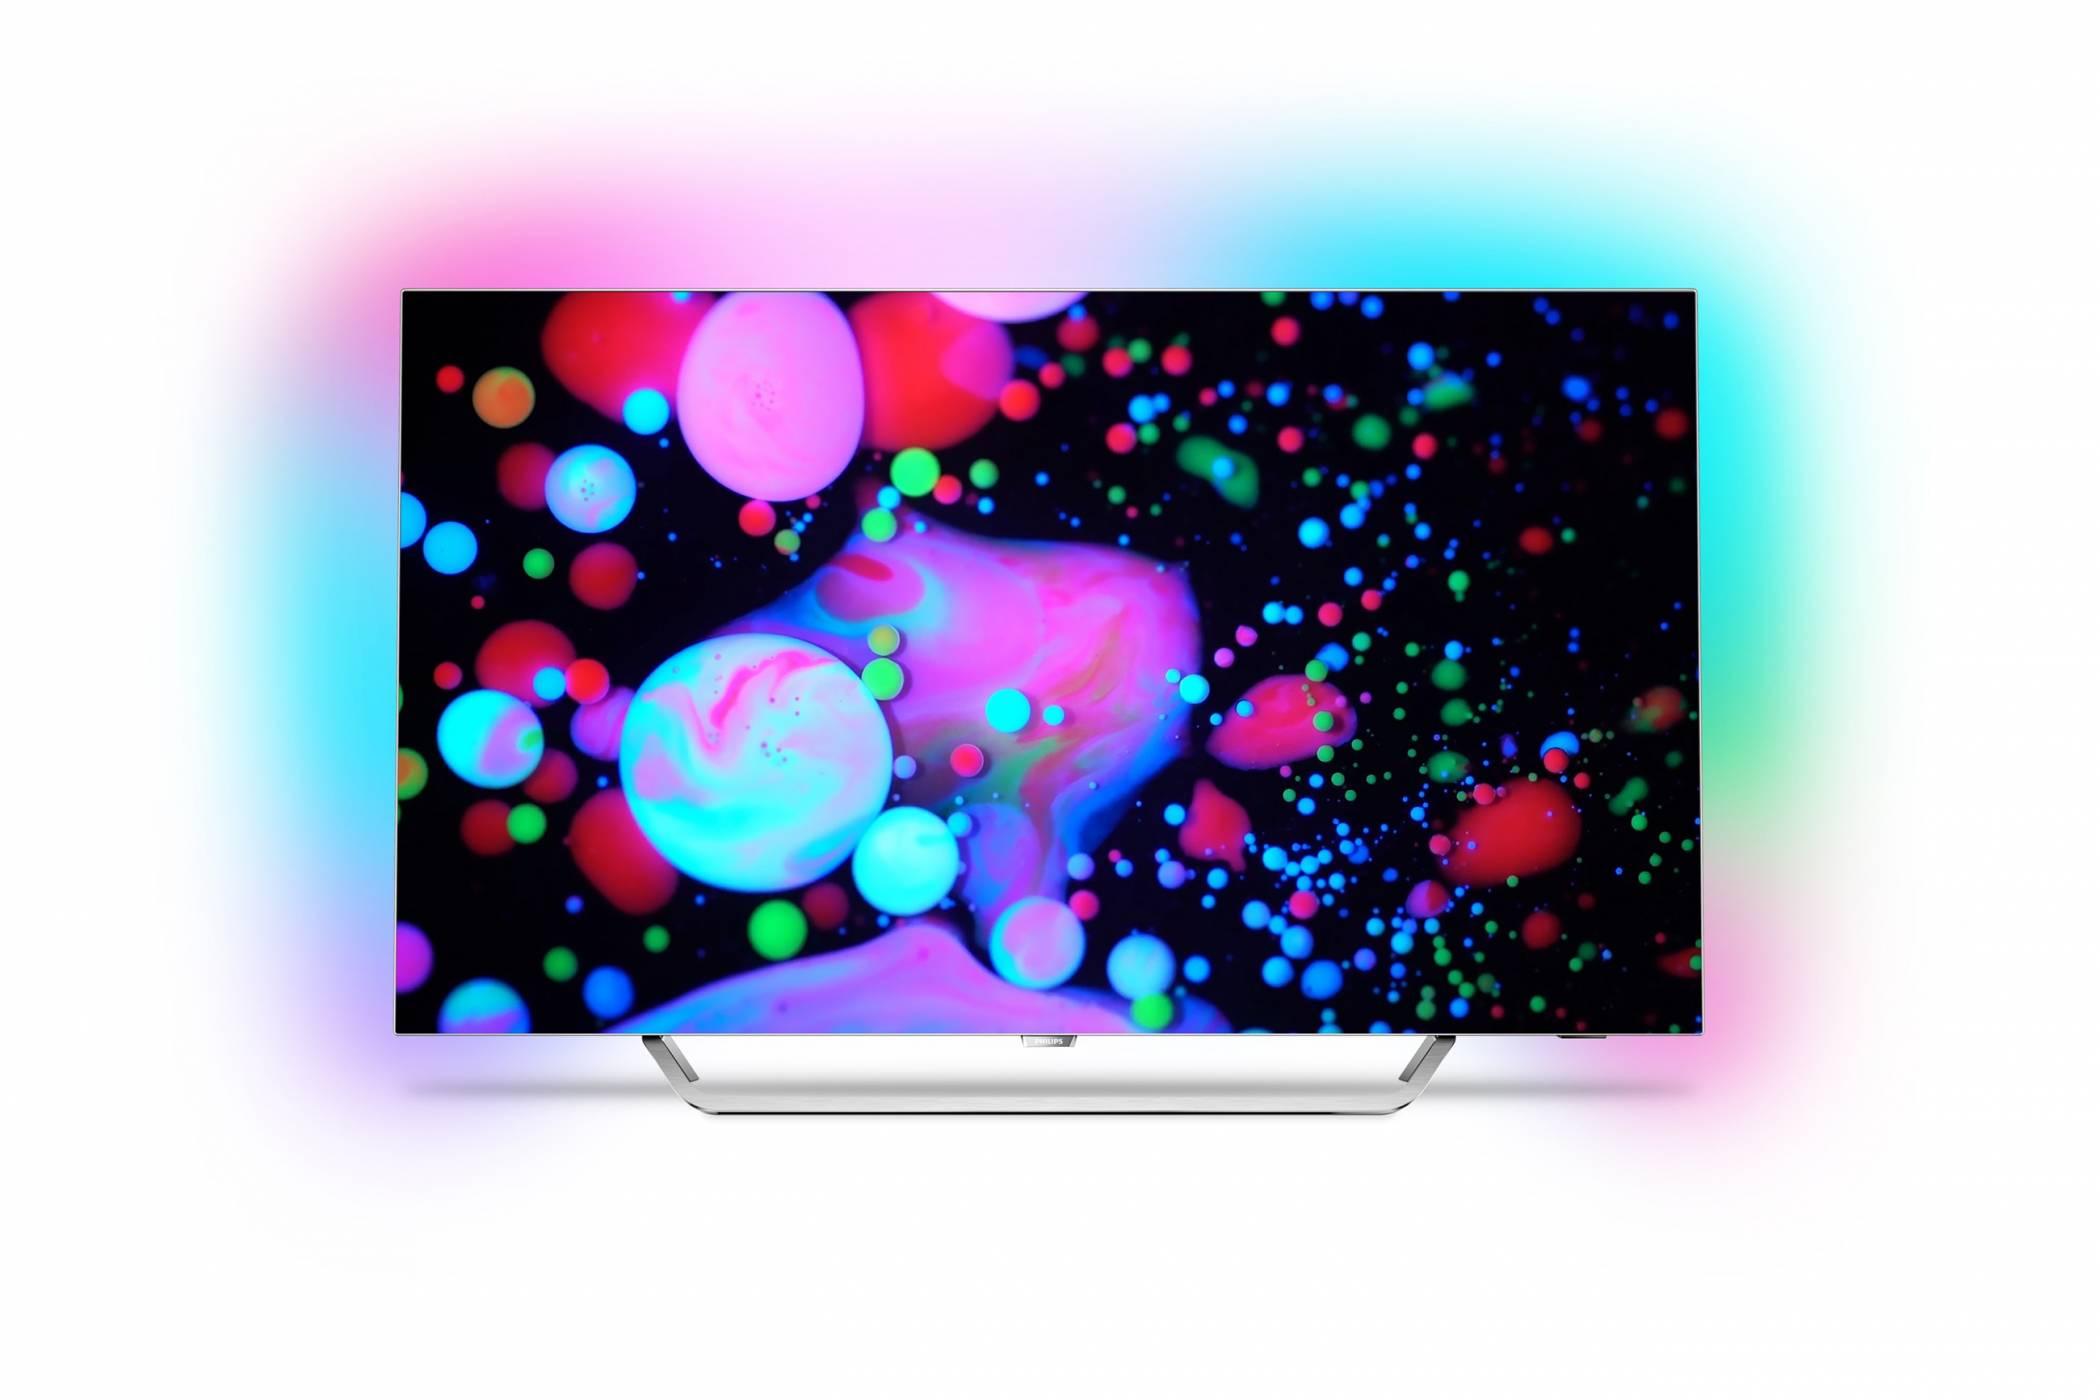 Един от вас ще спечели този впечатляващ 55-инчов 4K OLED телевизор Philips POS9002